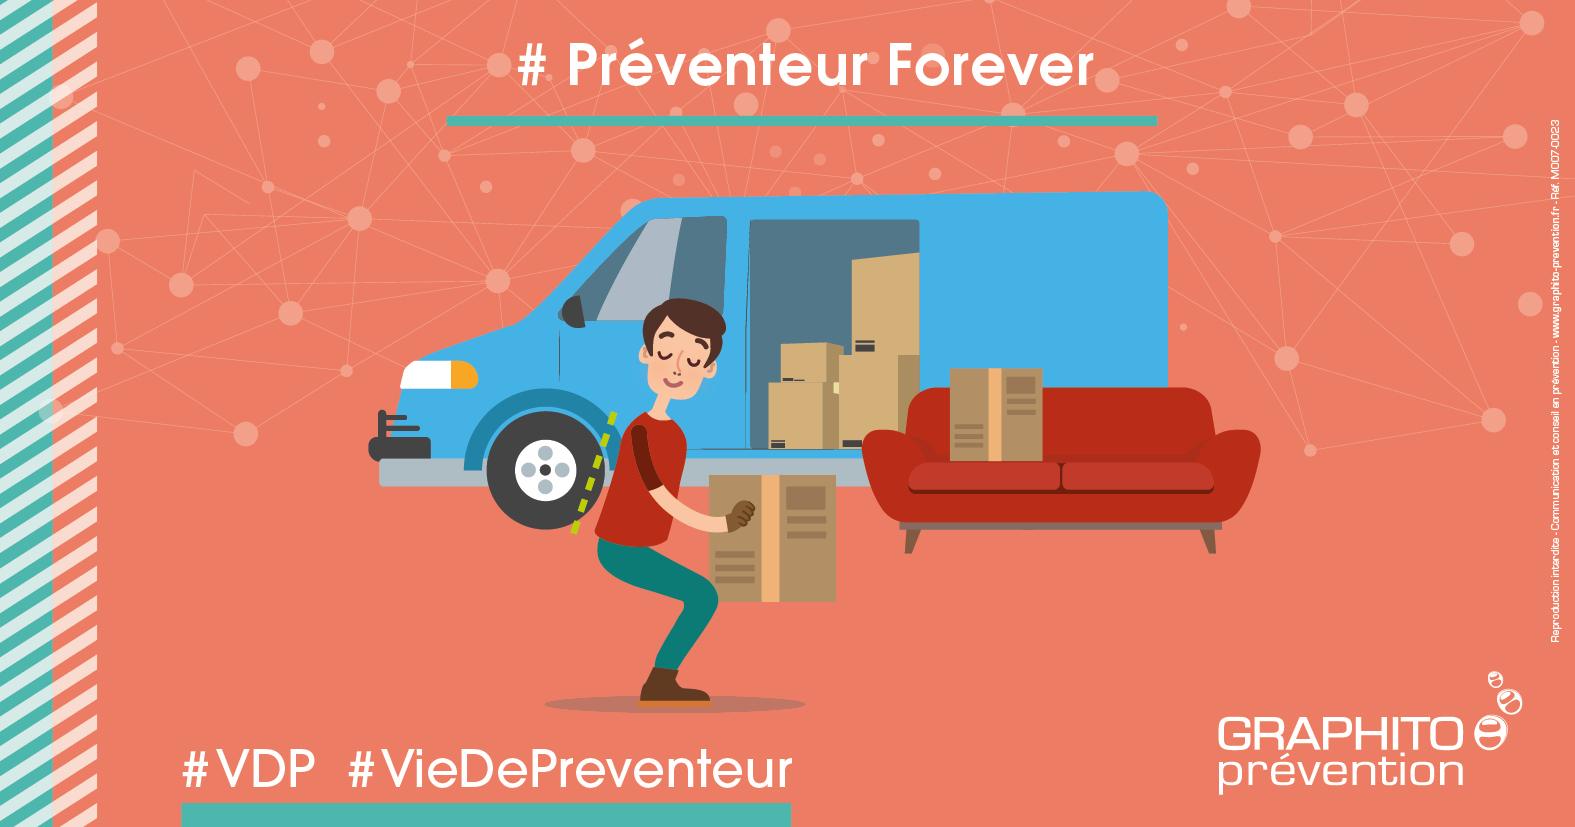 notre préventeur déménage ! L'occasion de bien respecter les régles de manutention avec le dos bien droit lorsqu'il soulève un carton.